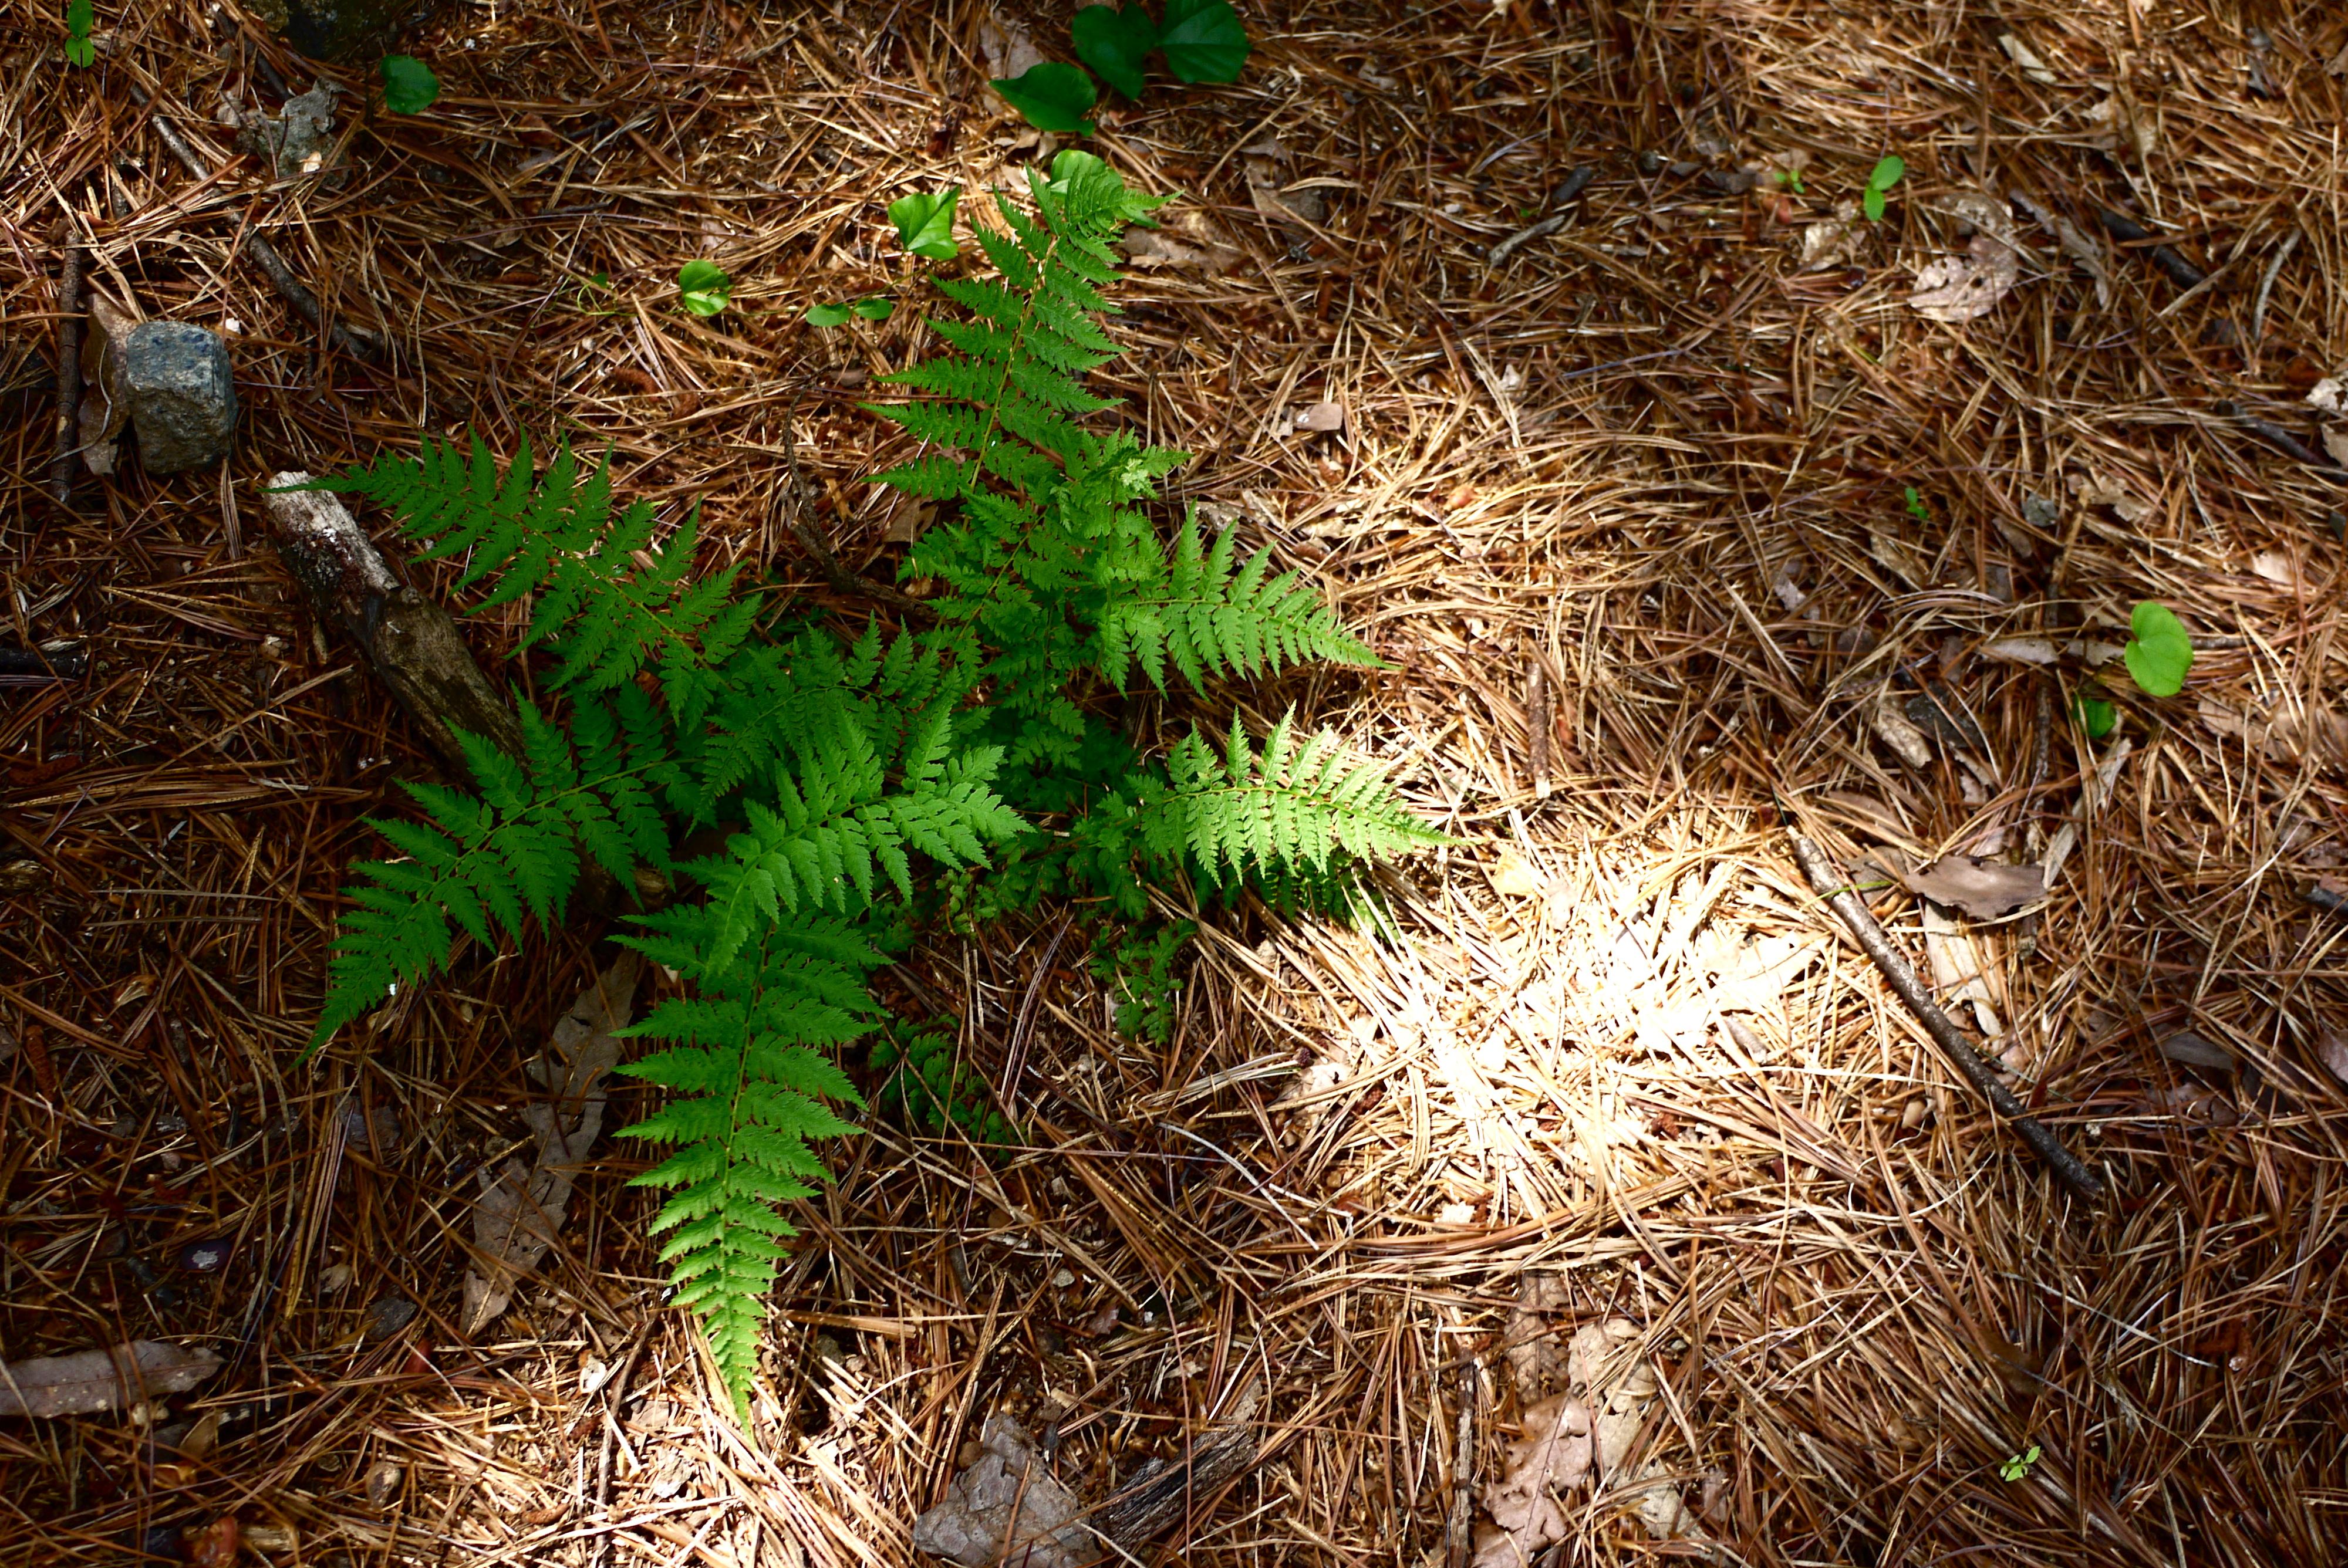 자라고 있는 작은 식물